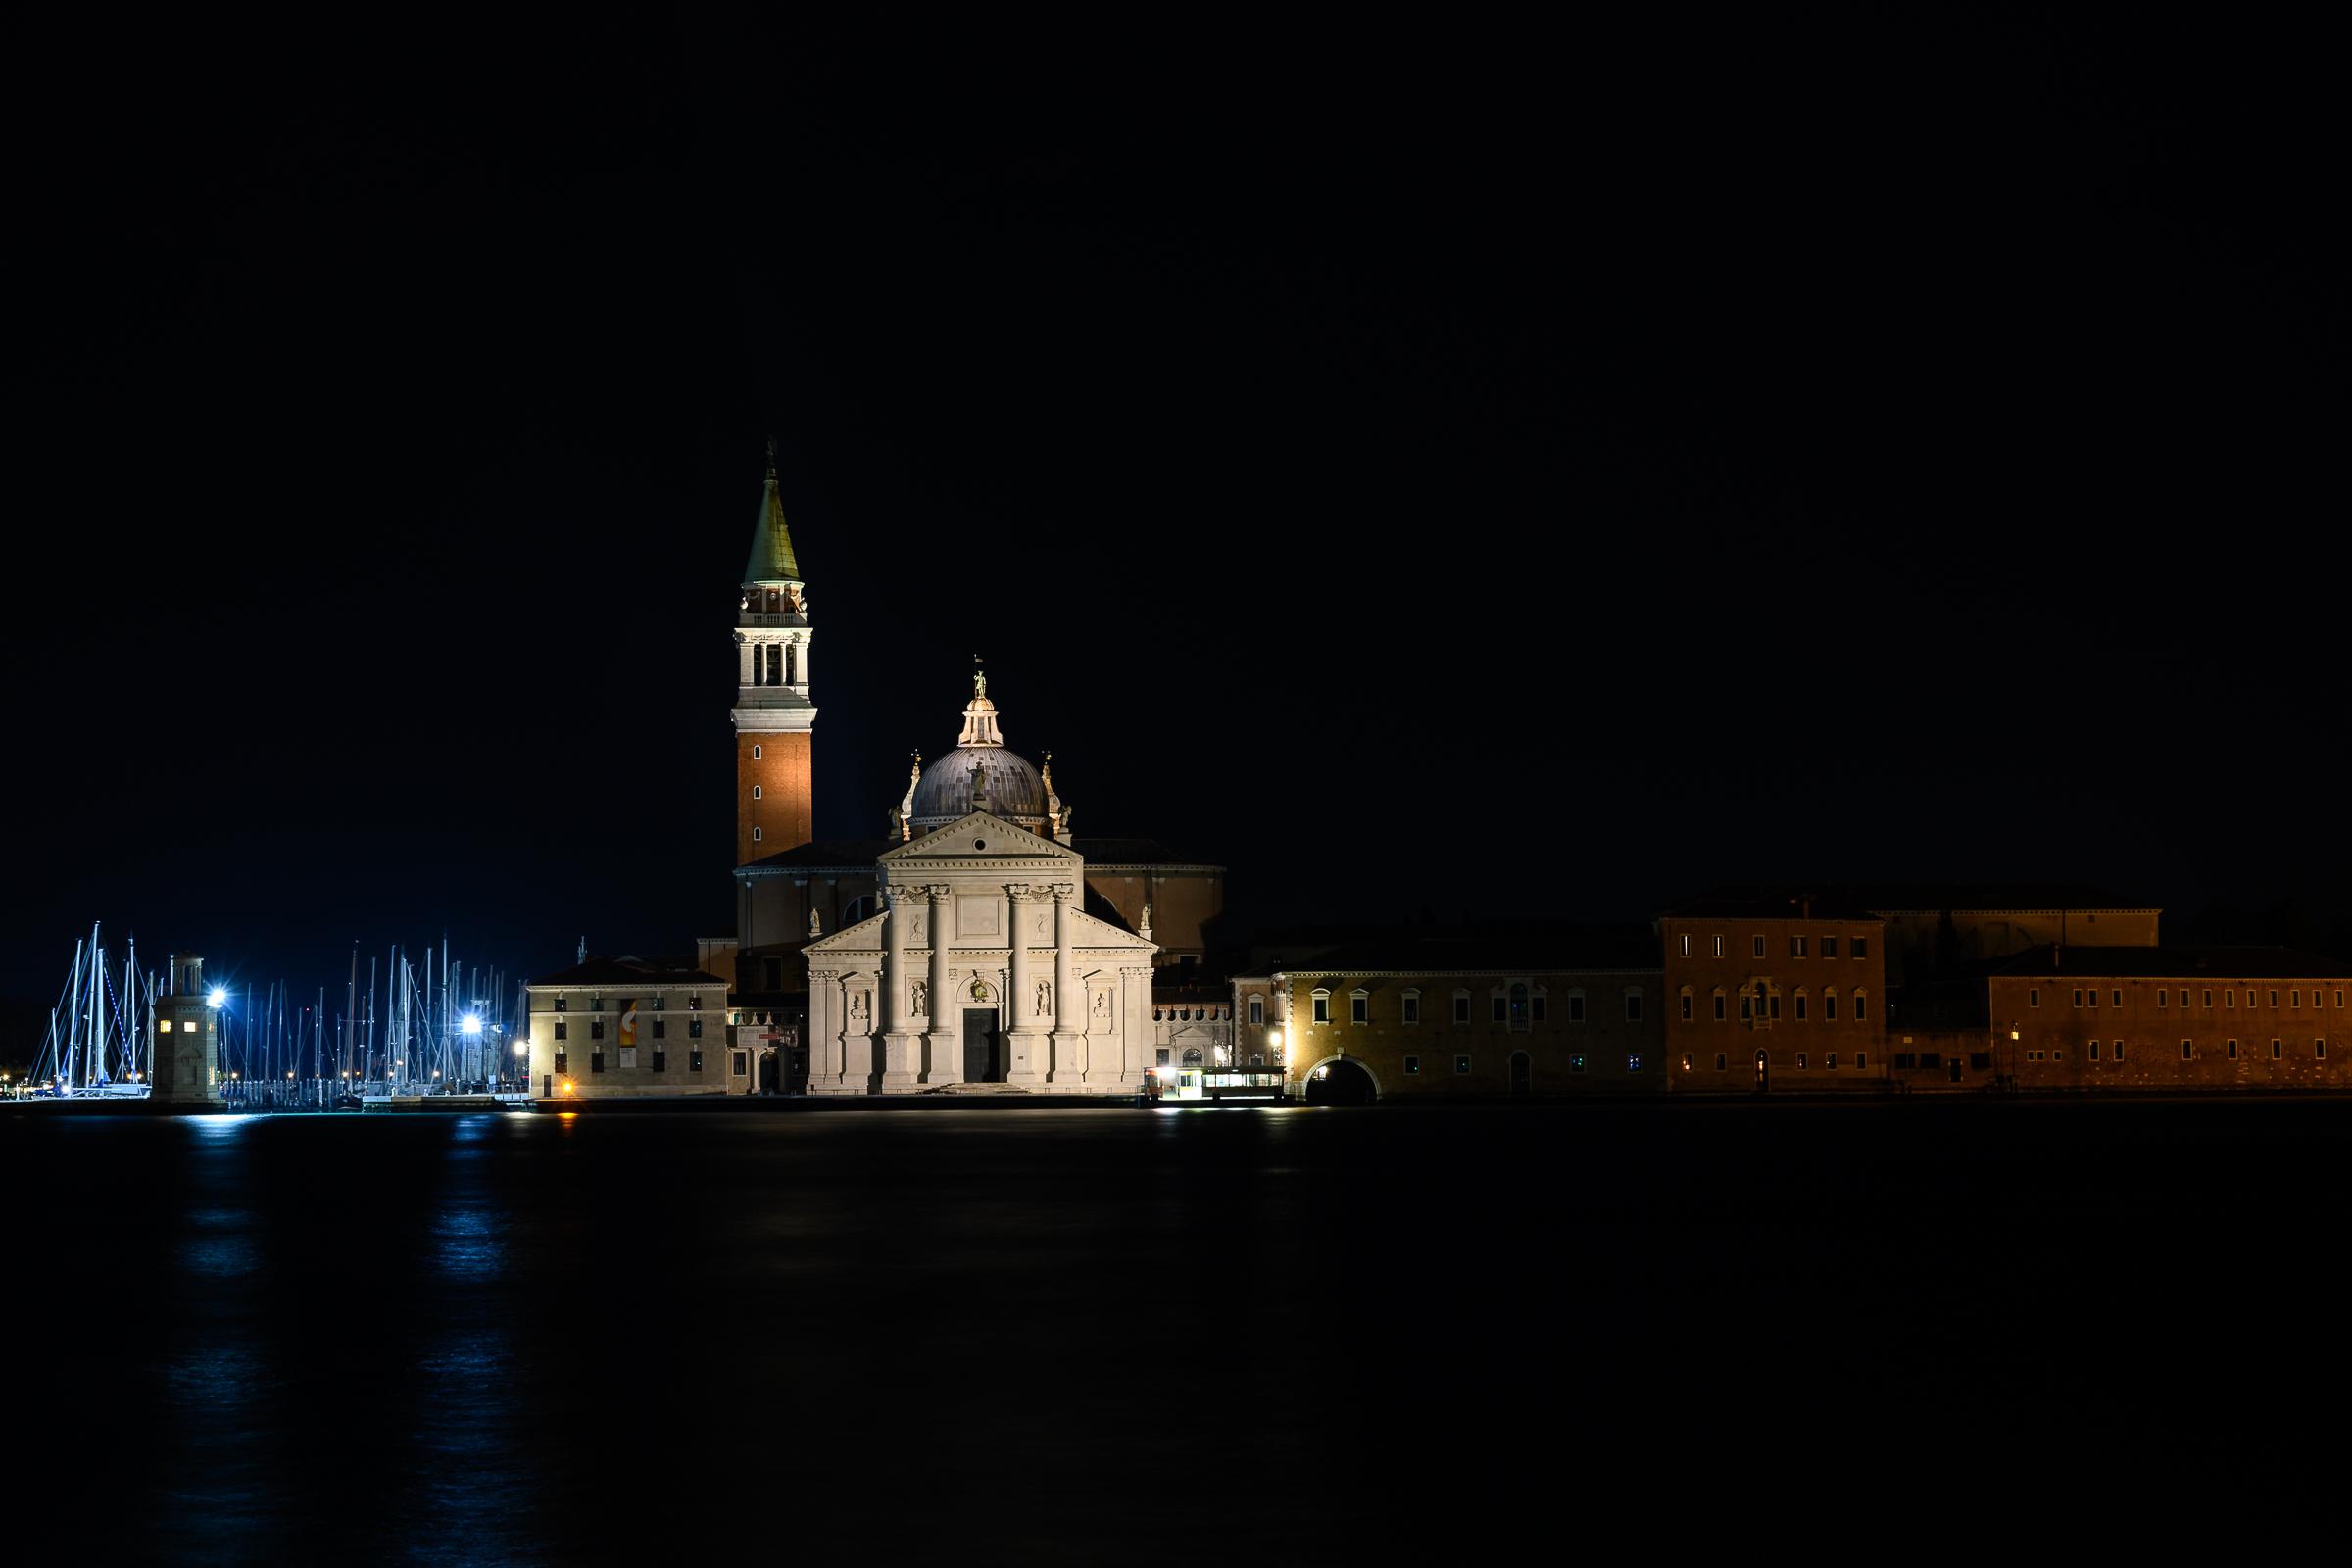 Night in Venice...